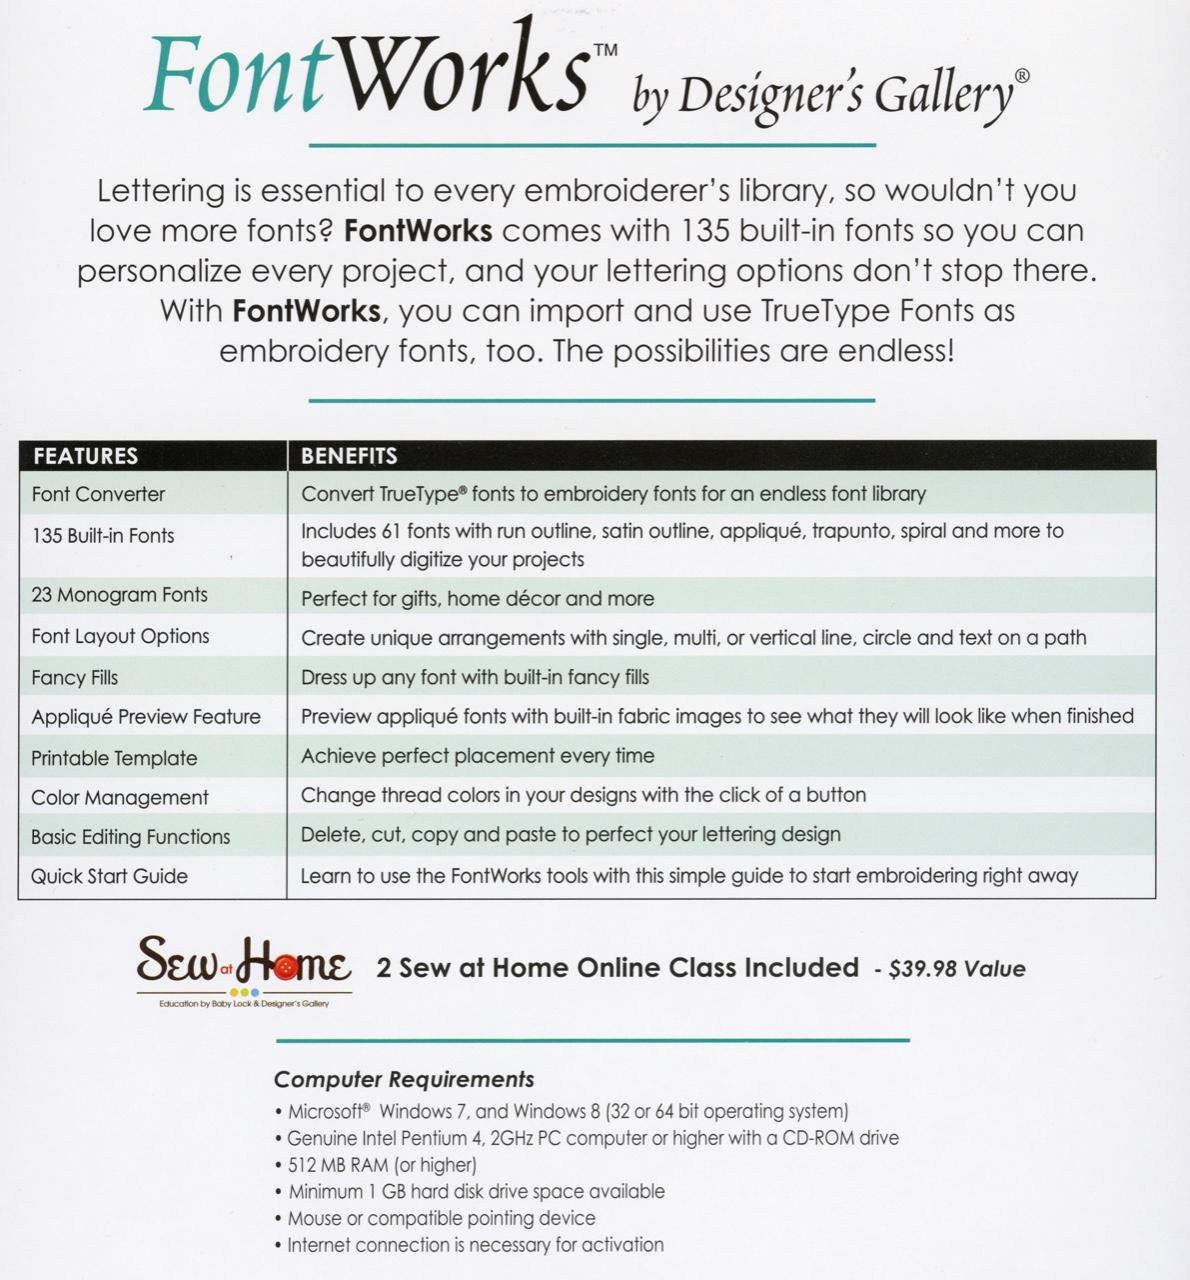 fontworks-back.jpg